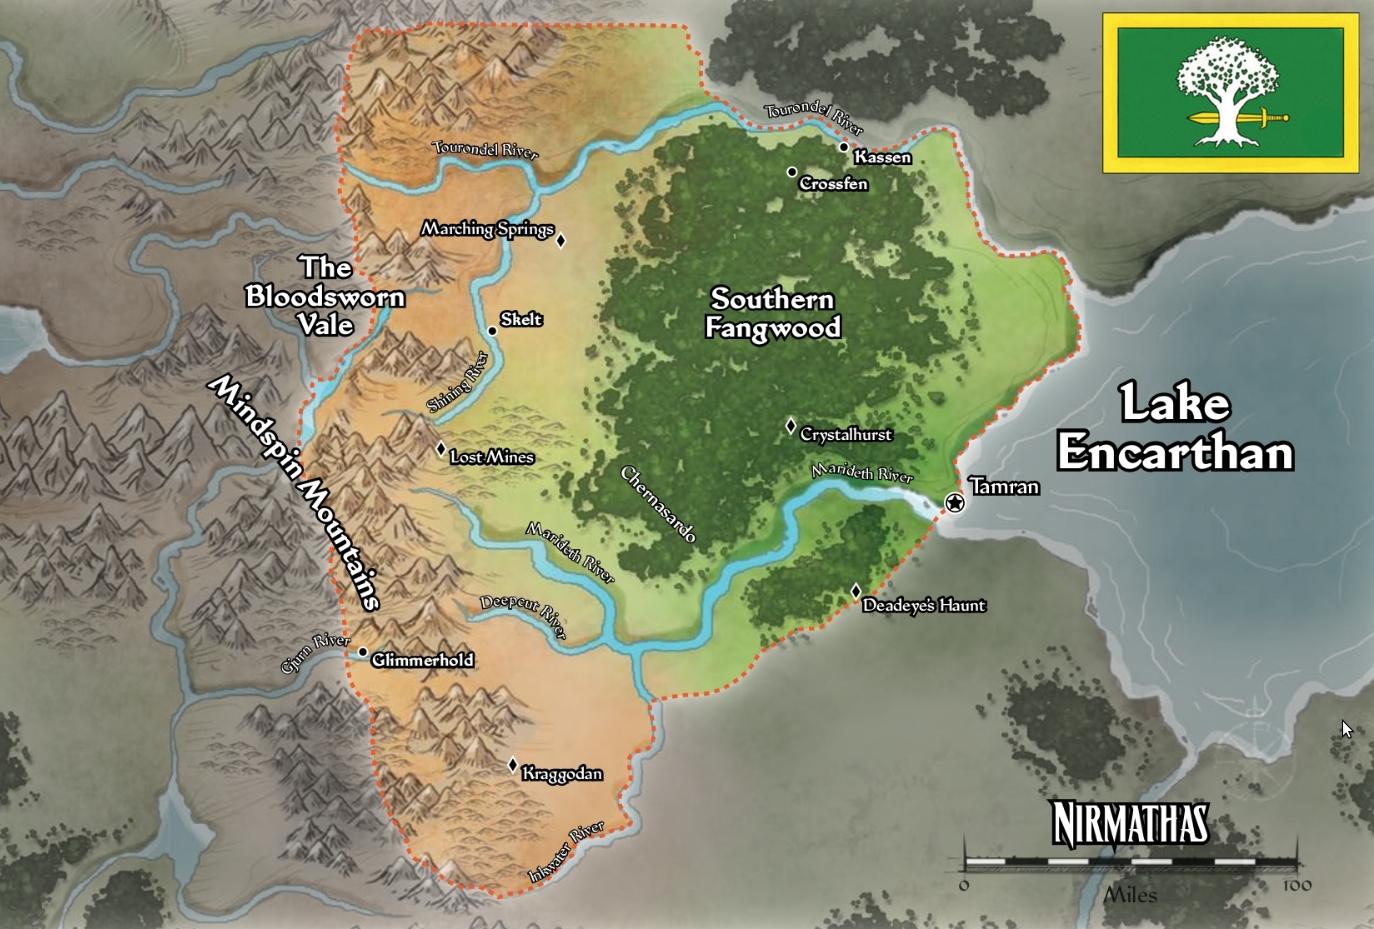 nirmathas-map.jpg